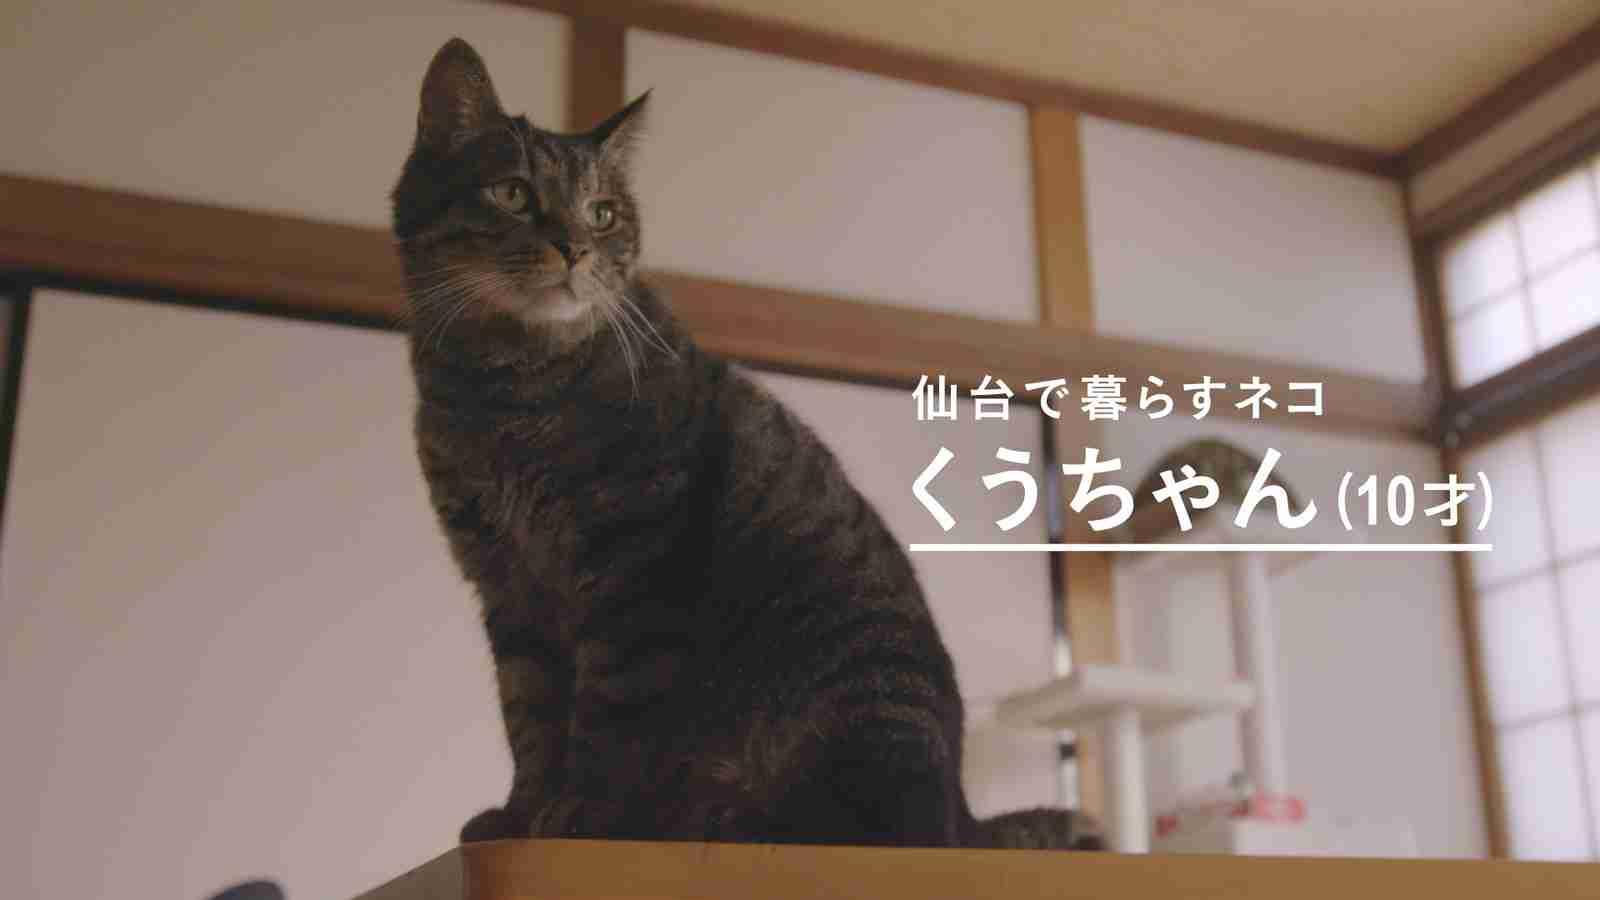 2年ぶりに「飼い主の声」を聞いたネコの表情に胸が熱くなる